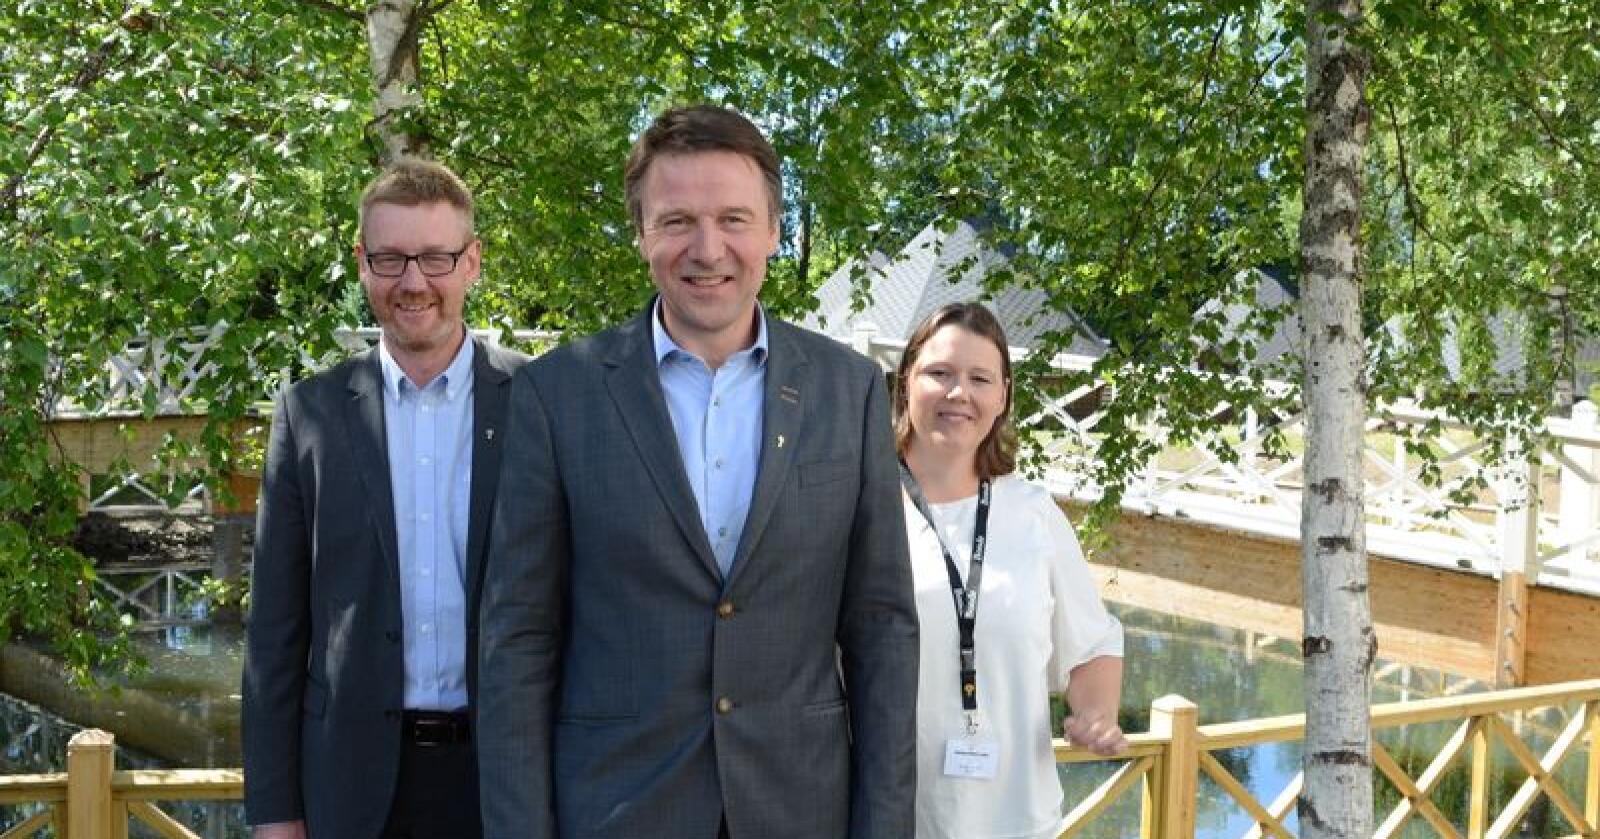 """Den """"nye"""" ledertrioen er den samme som den gamle: Fra venstre Bjørn Gimming, Lars Petter Bartnes og Frøydis Haugen. Foto: Iver Gamme"""